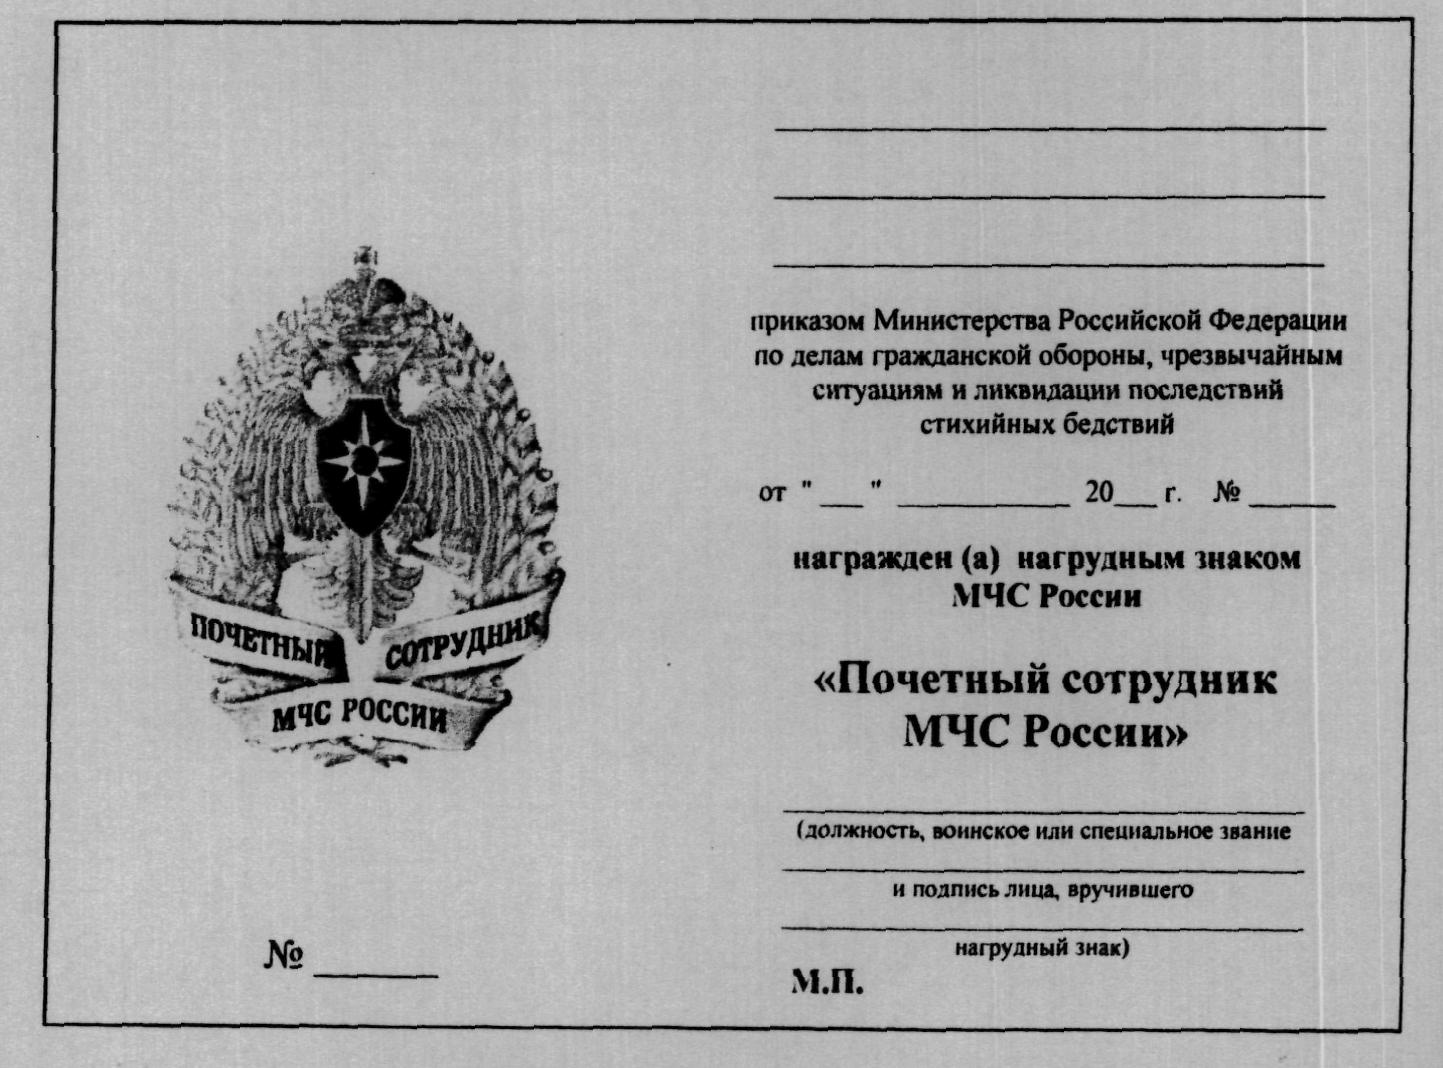 нагрудным знаком мчс россии почетный знак мчс россии